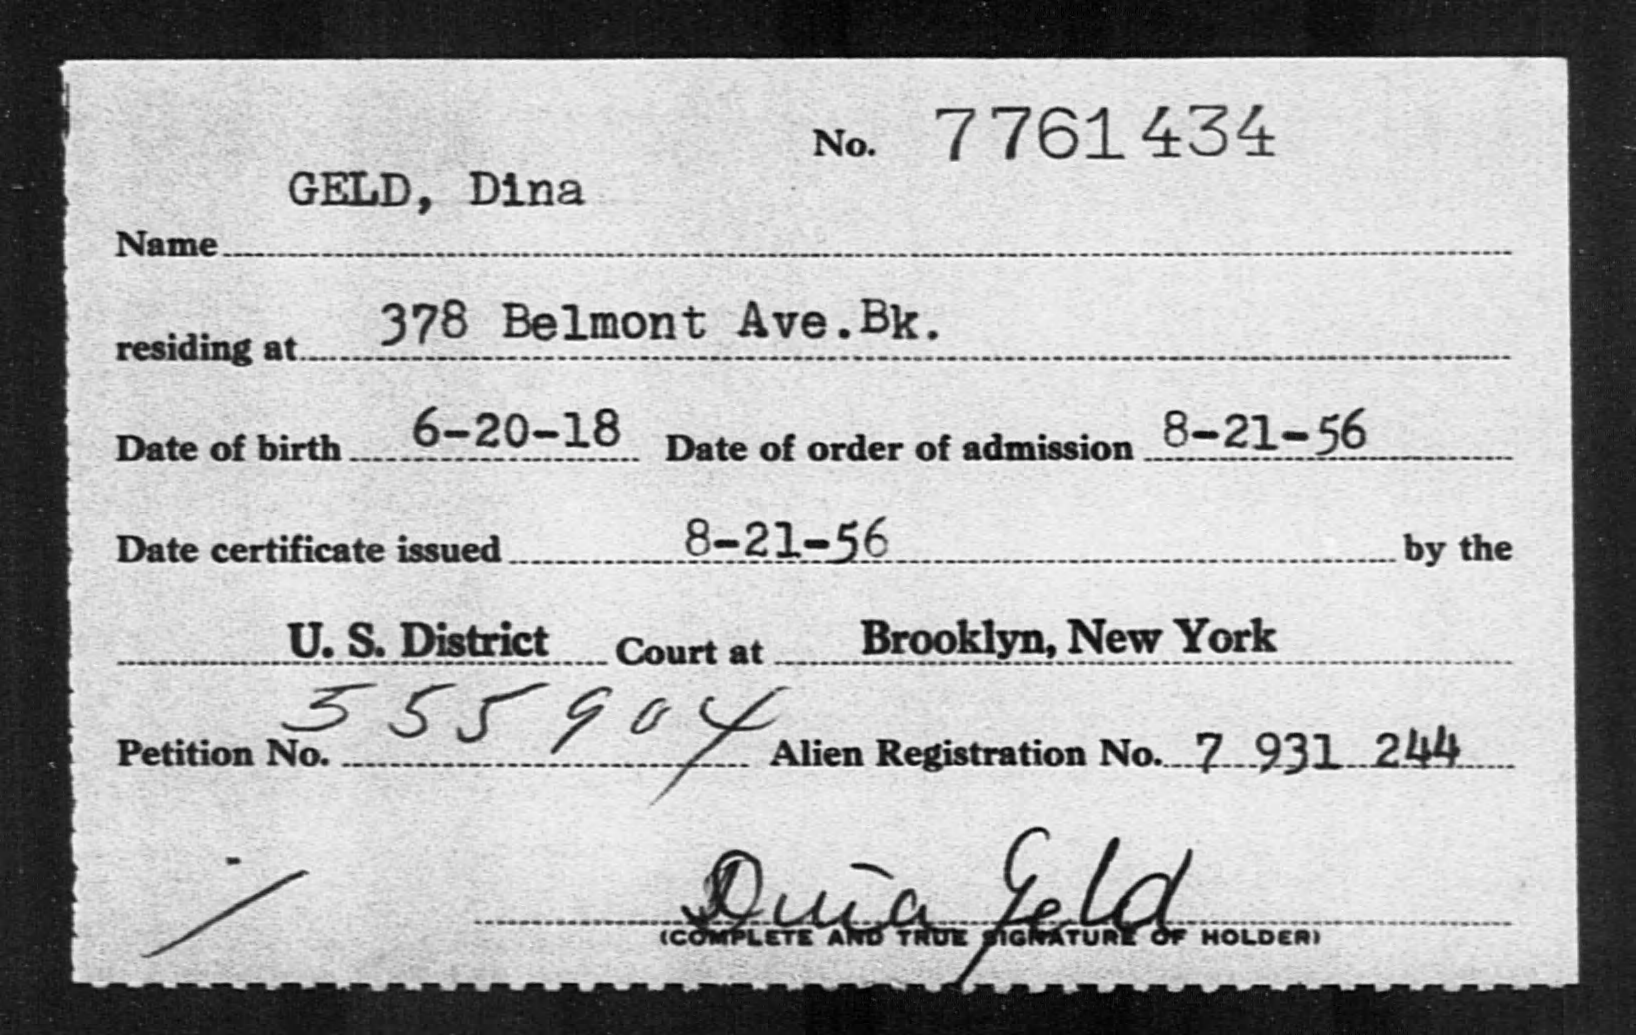 GELD, Dina - Born: 1918, Naturalized: 1956